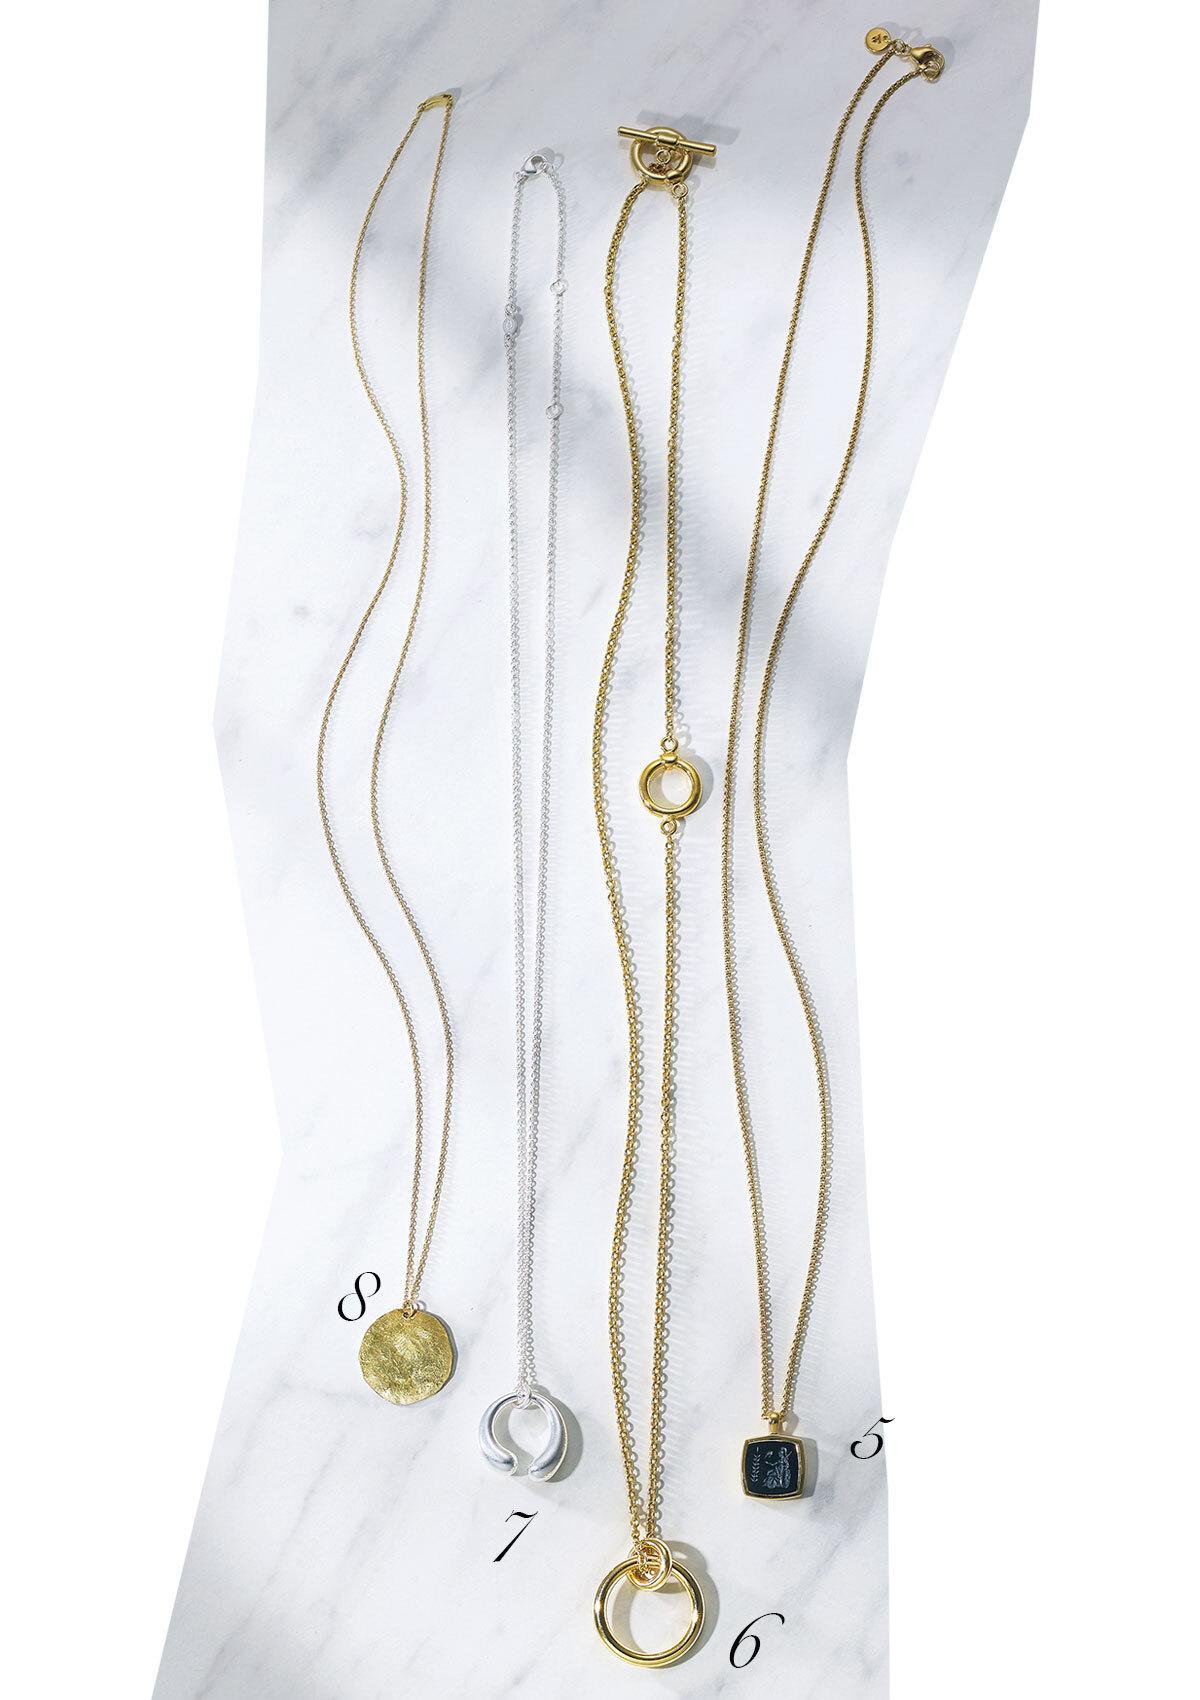 ネックレス(SV925×Plated 9K Gold×Black Onyx、36.5㎝)¥78,100/トムウッド プロジェクト(トムウッド)、ネックレス(真鍮、60㎝)¥20,900/シジェーム ギンザ(グリン)、ネックレス(スターリングシルバー、60㎝)¥29,700/ジョージ ジェンセン ジャパン(ジョージ ジェンセン)、ネックレス(K18YG、60㎝)¥115,500/ホワイトオフィス(ジジ)